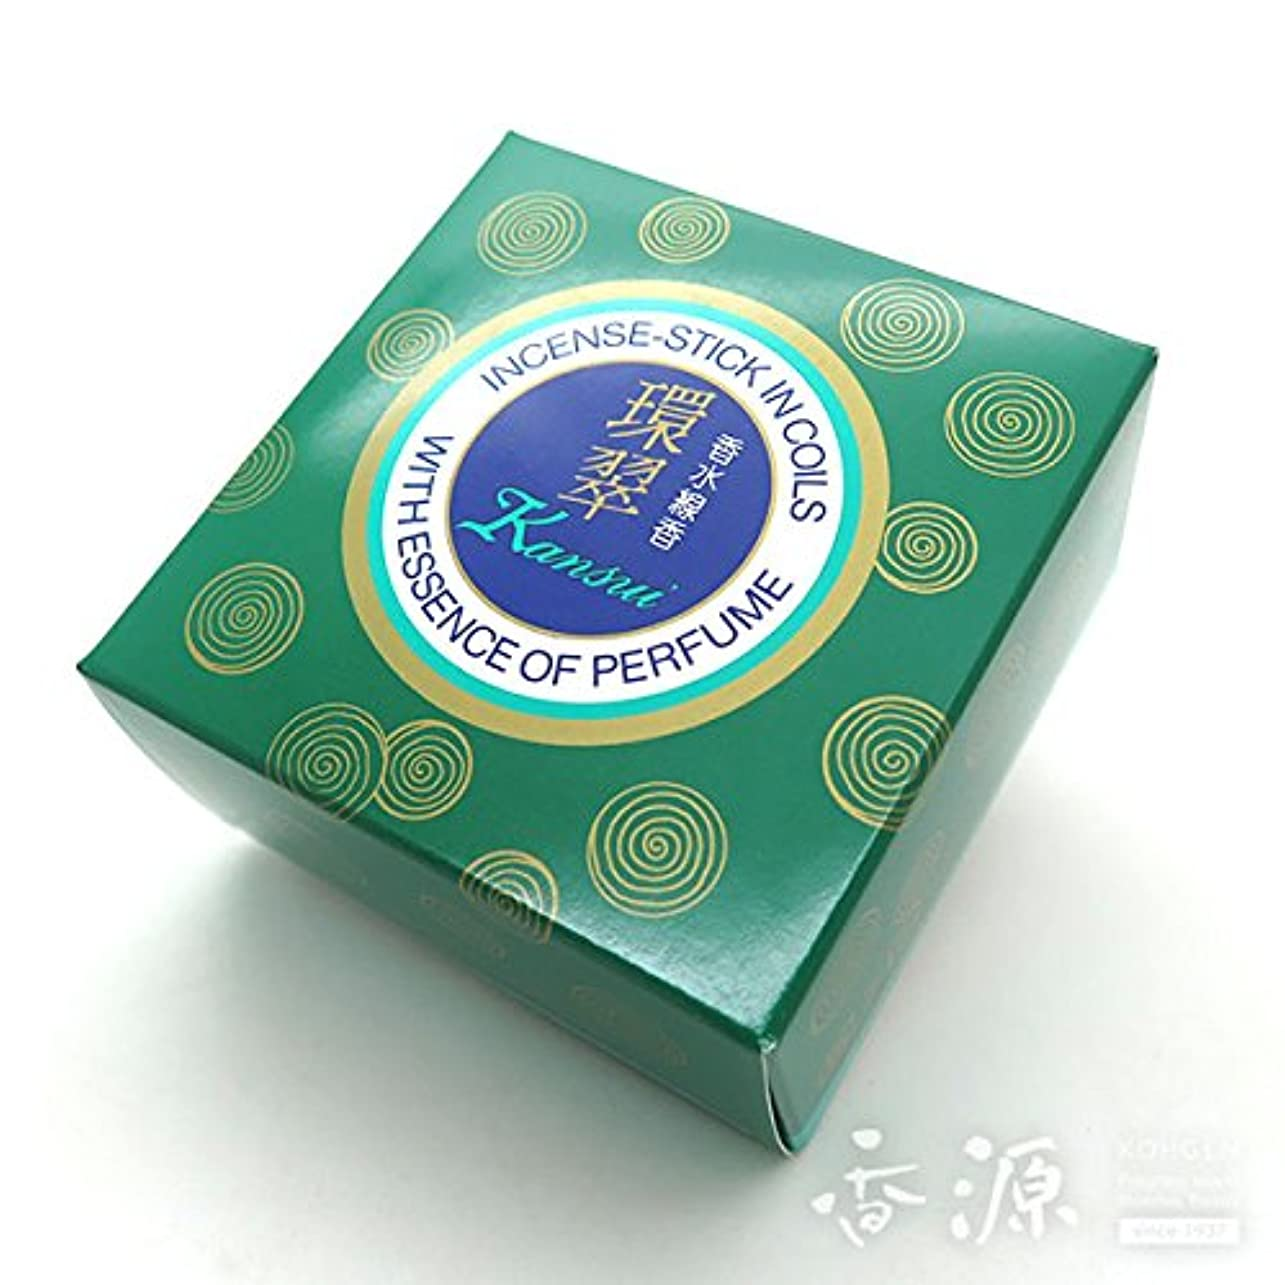 結晶デコレーション更新薫明堂のお香 環翠(かんすい) 渦巻 14枚入